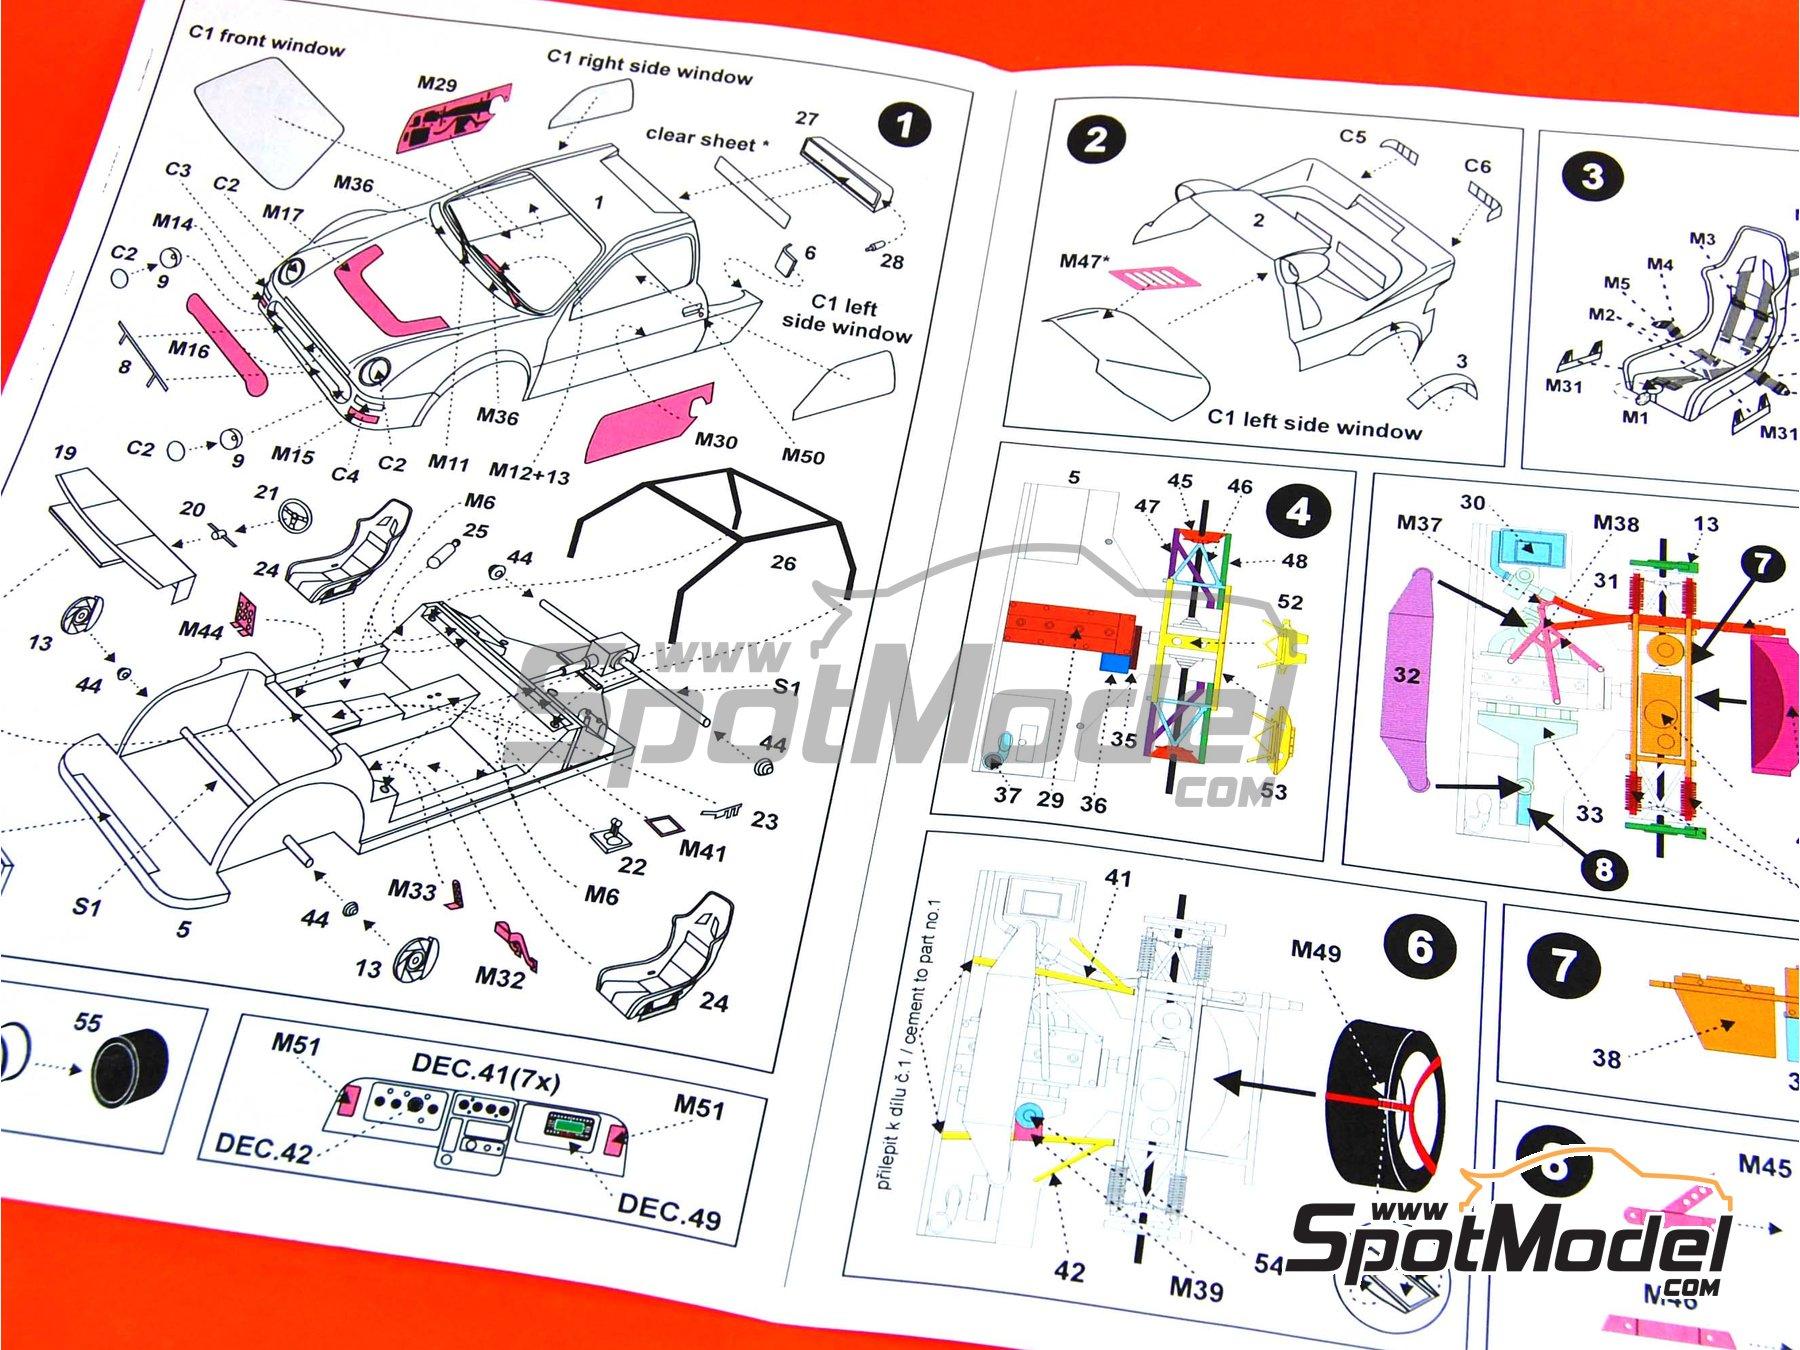 reji model model car kit 1 24 scale ford rs200 group b shell image 3 ford rs200 group b rac rally 1986 model car kit in